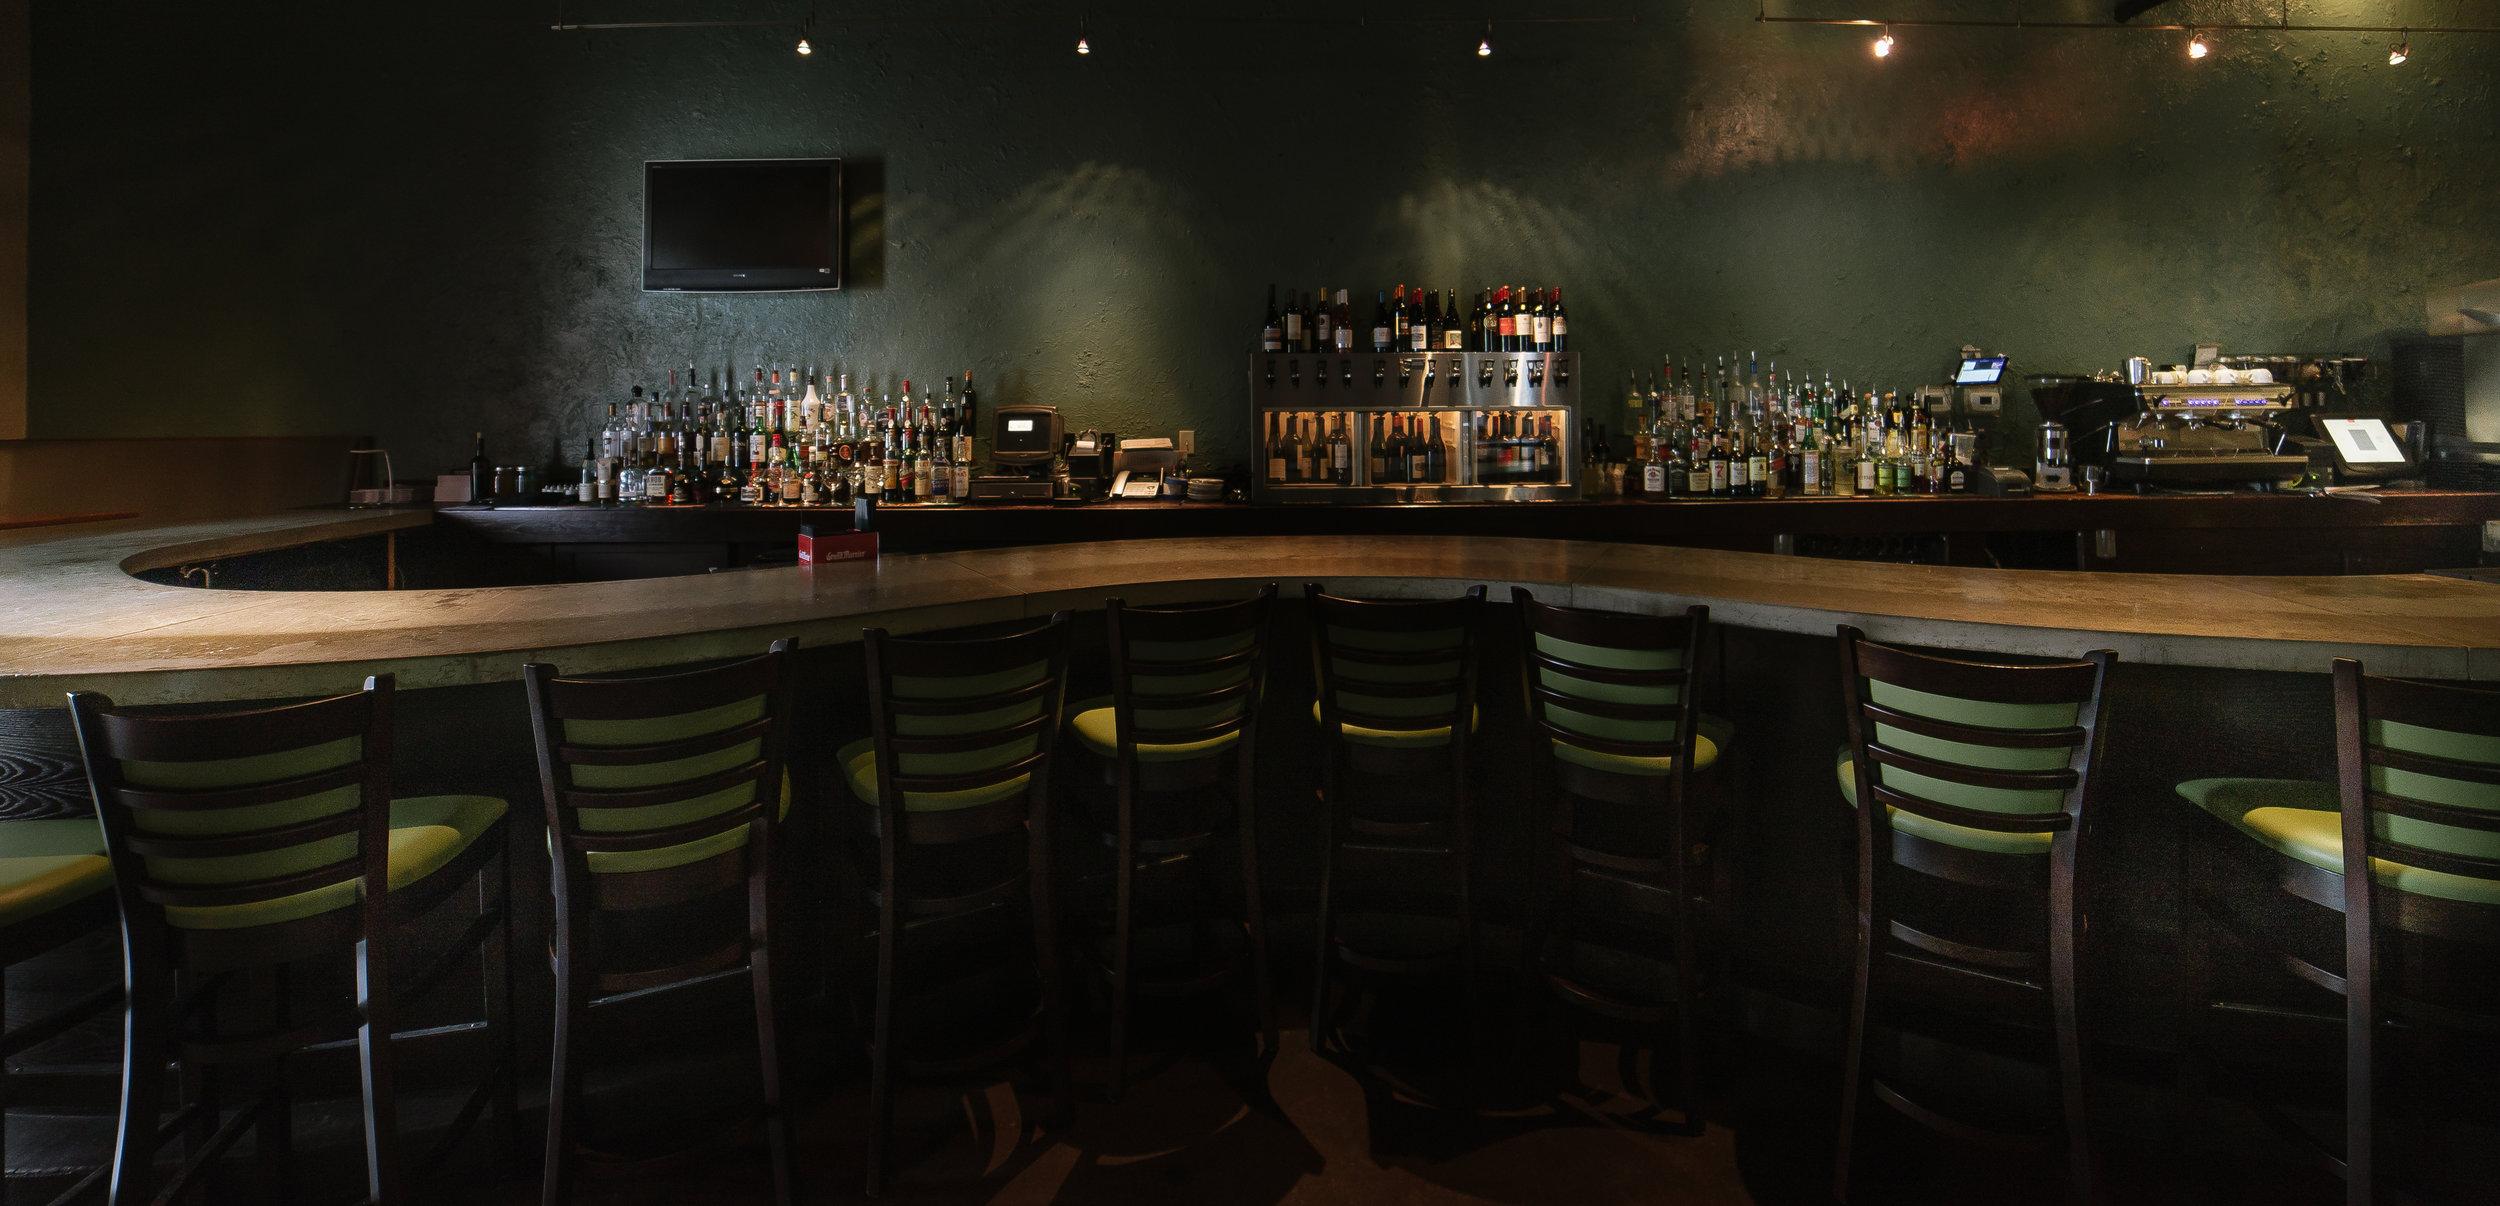 Alba Des Moines, Iowa Restaurant Bar 4